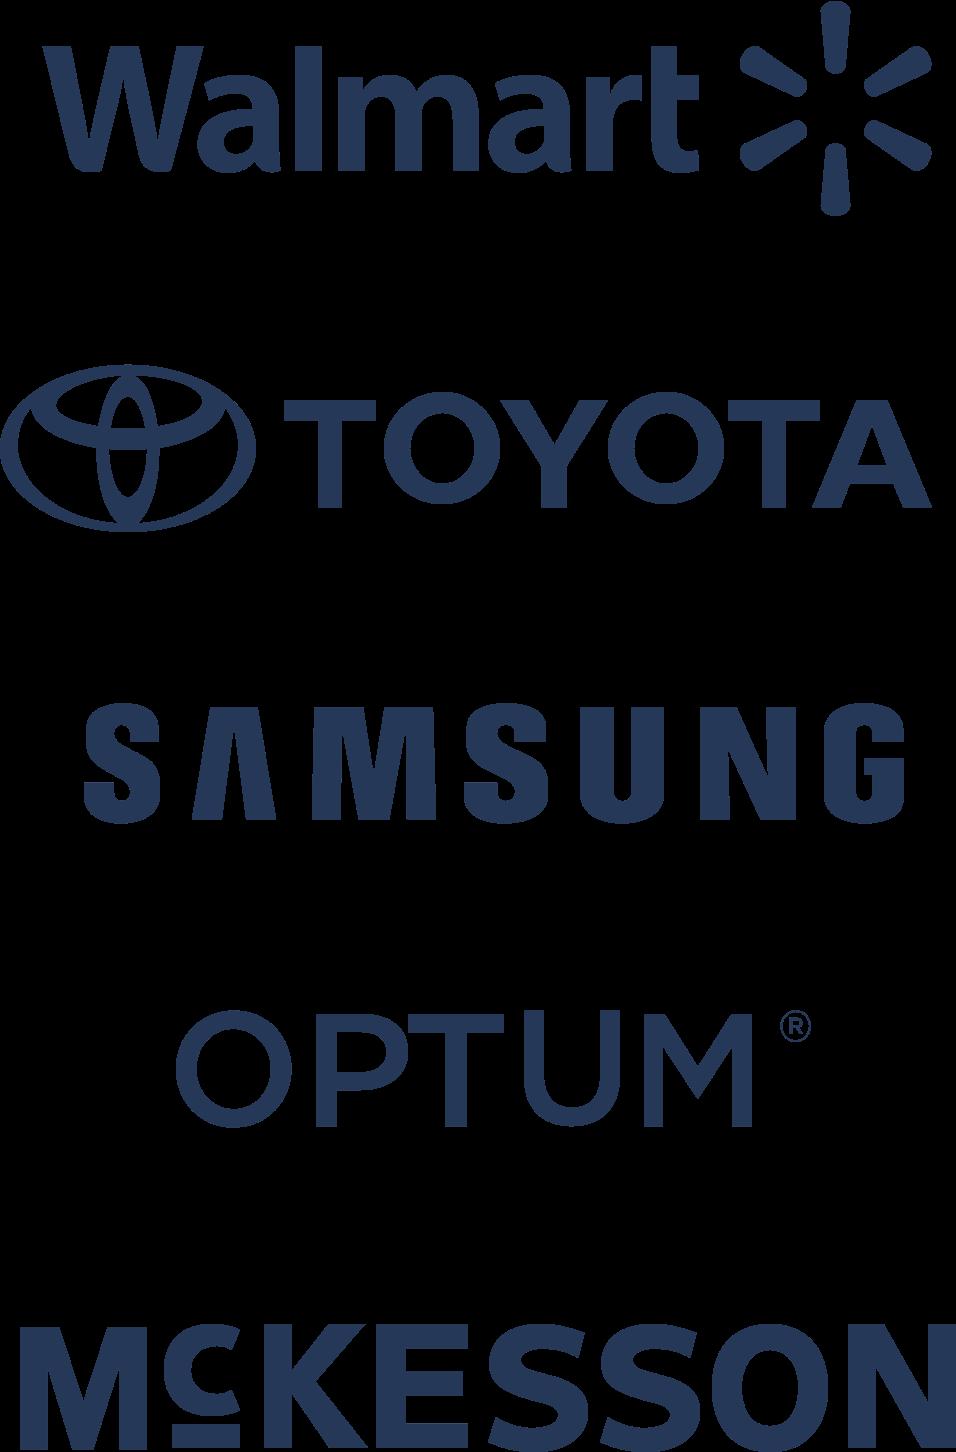 Walmart, Toyota, Samsung, Optum, McKesson 로고